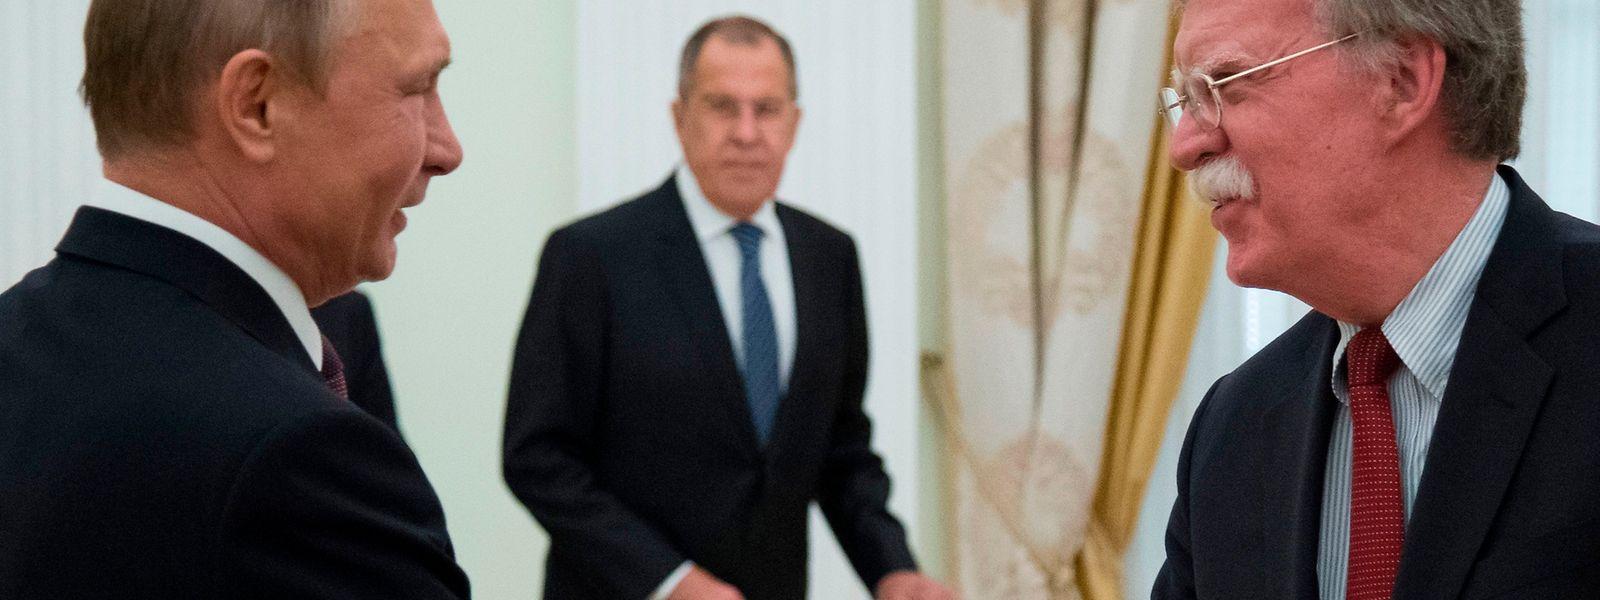 Trumps Sicherheitsberater John Bolton traf sich am Mittwoch in Moskau mit Putin.